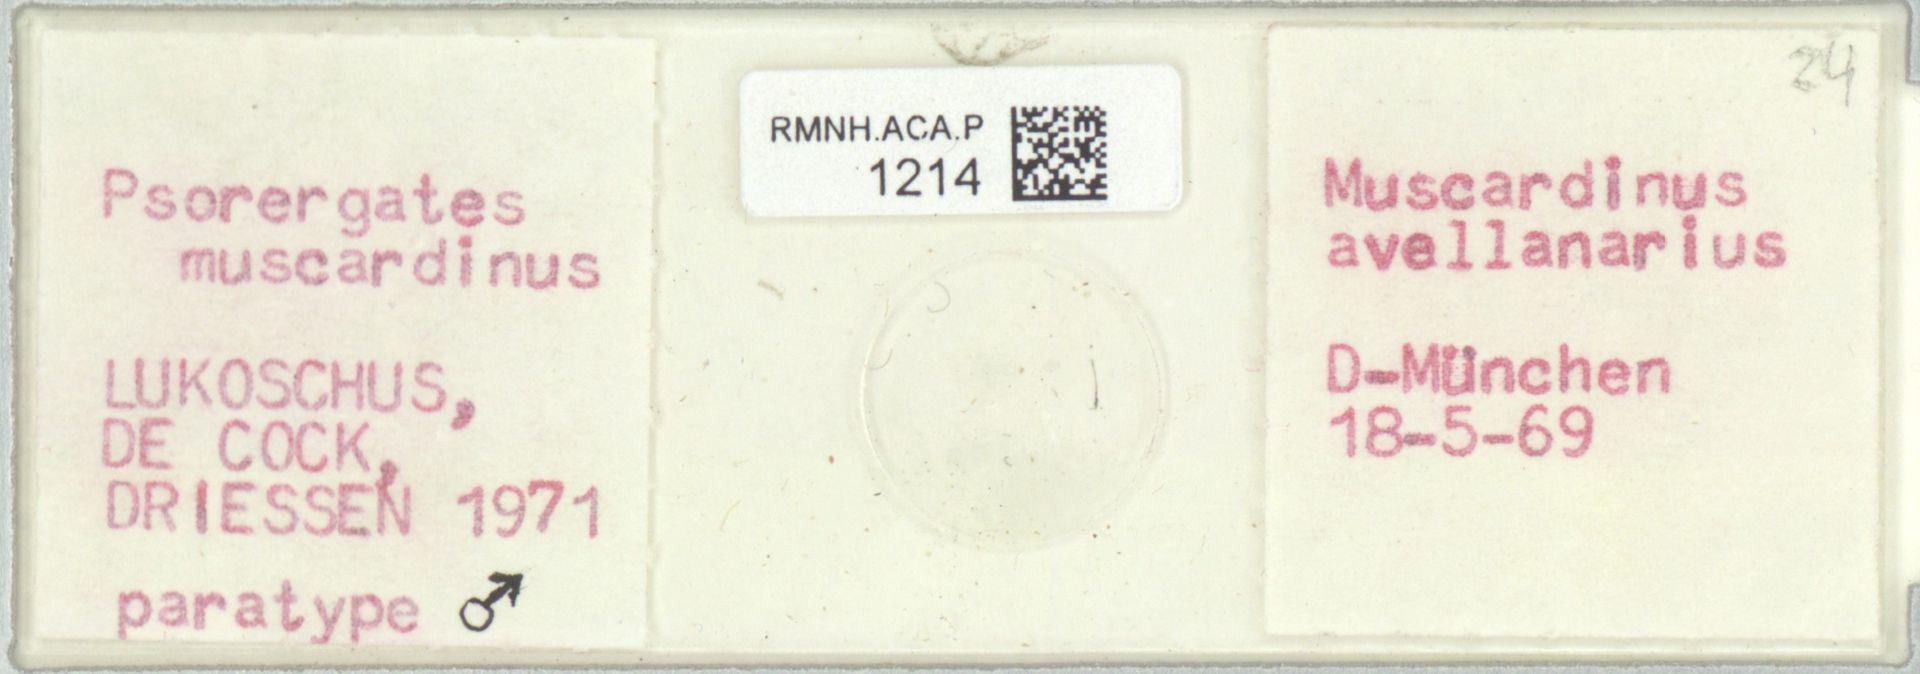 RMNH.ACA.P.1214 | Psorergates muscardinus Kok, Lukoschus & Fain, 1971